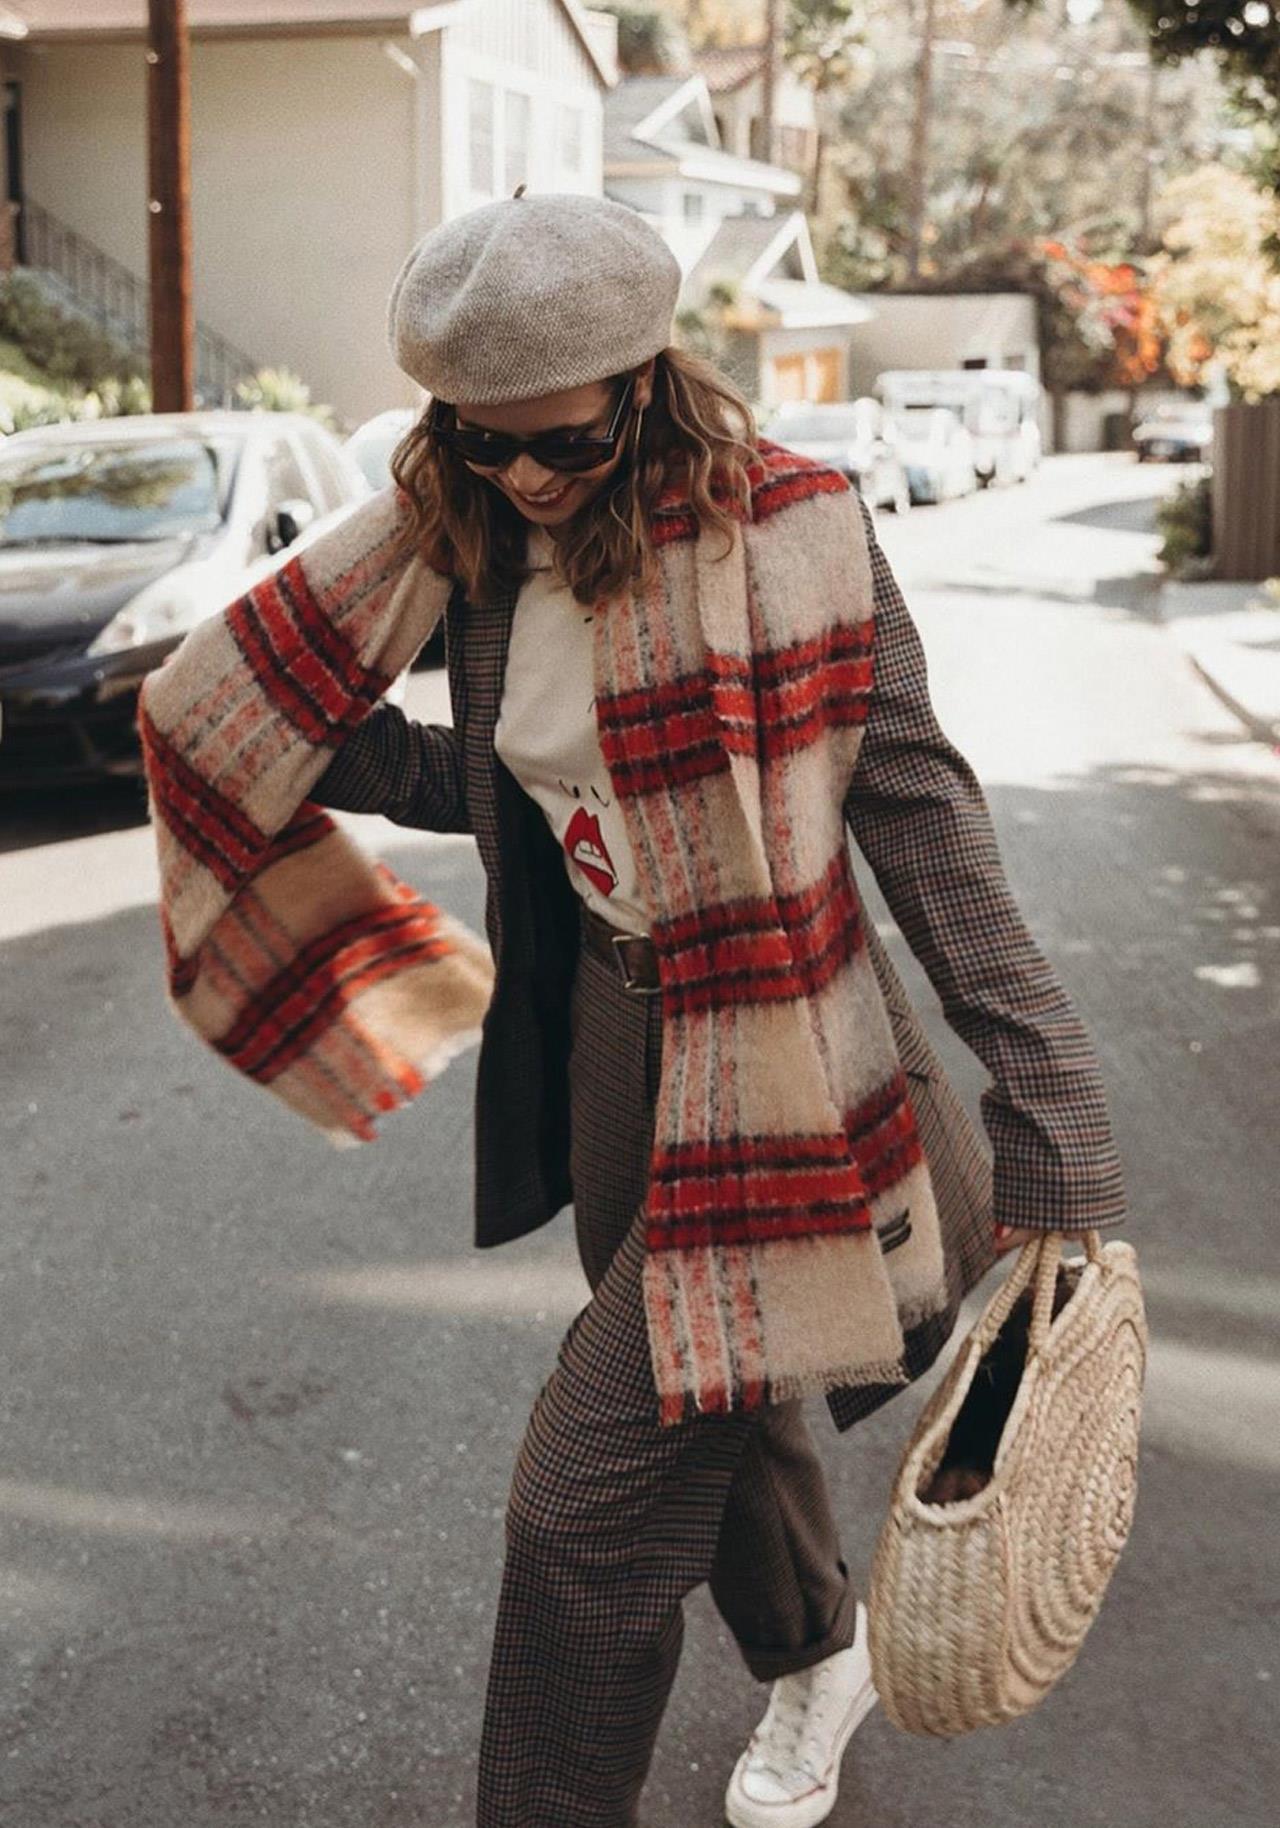 12 formas de llevar bufandas y pañuelos según las reinas del streetstyle